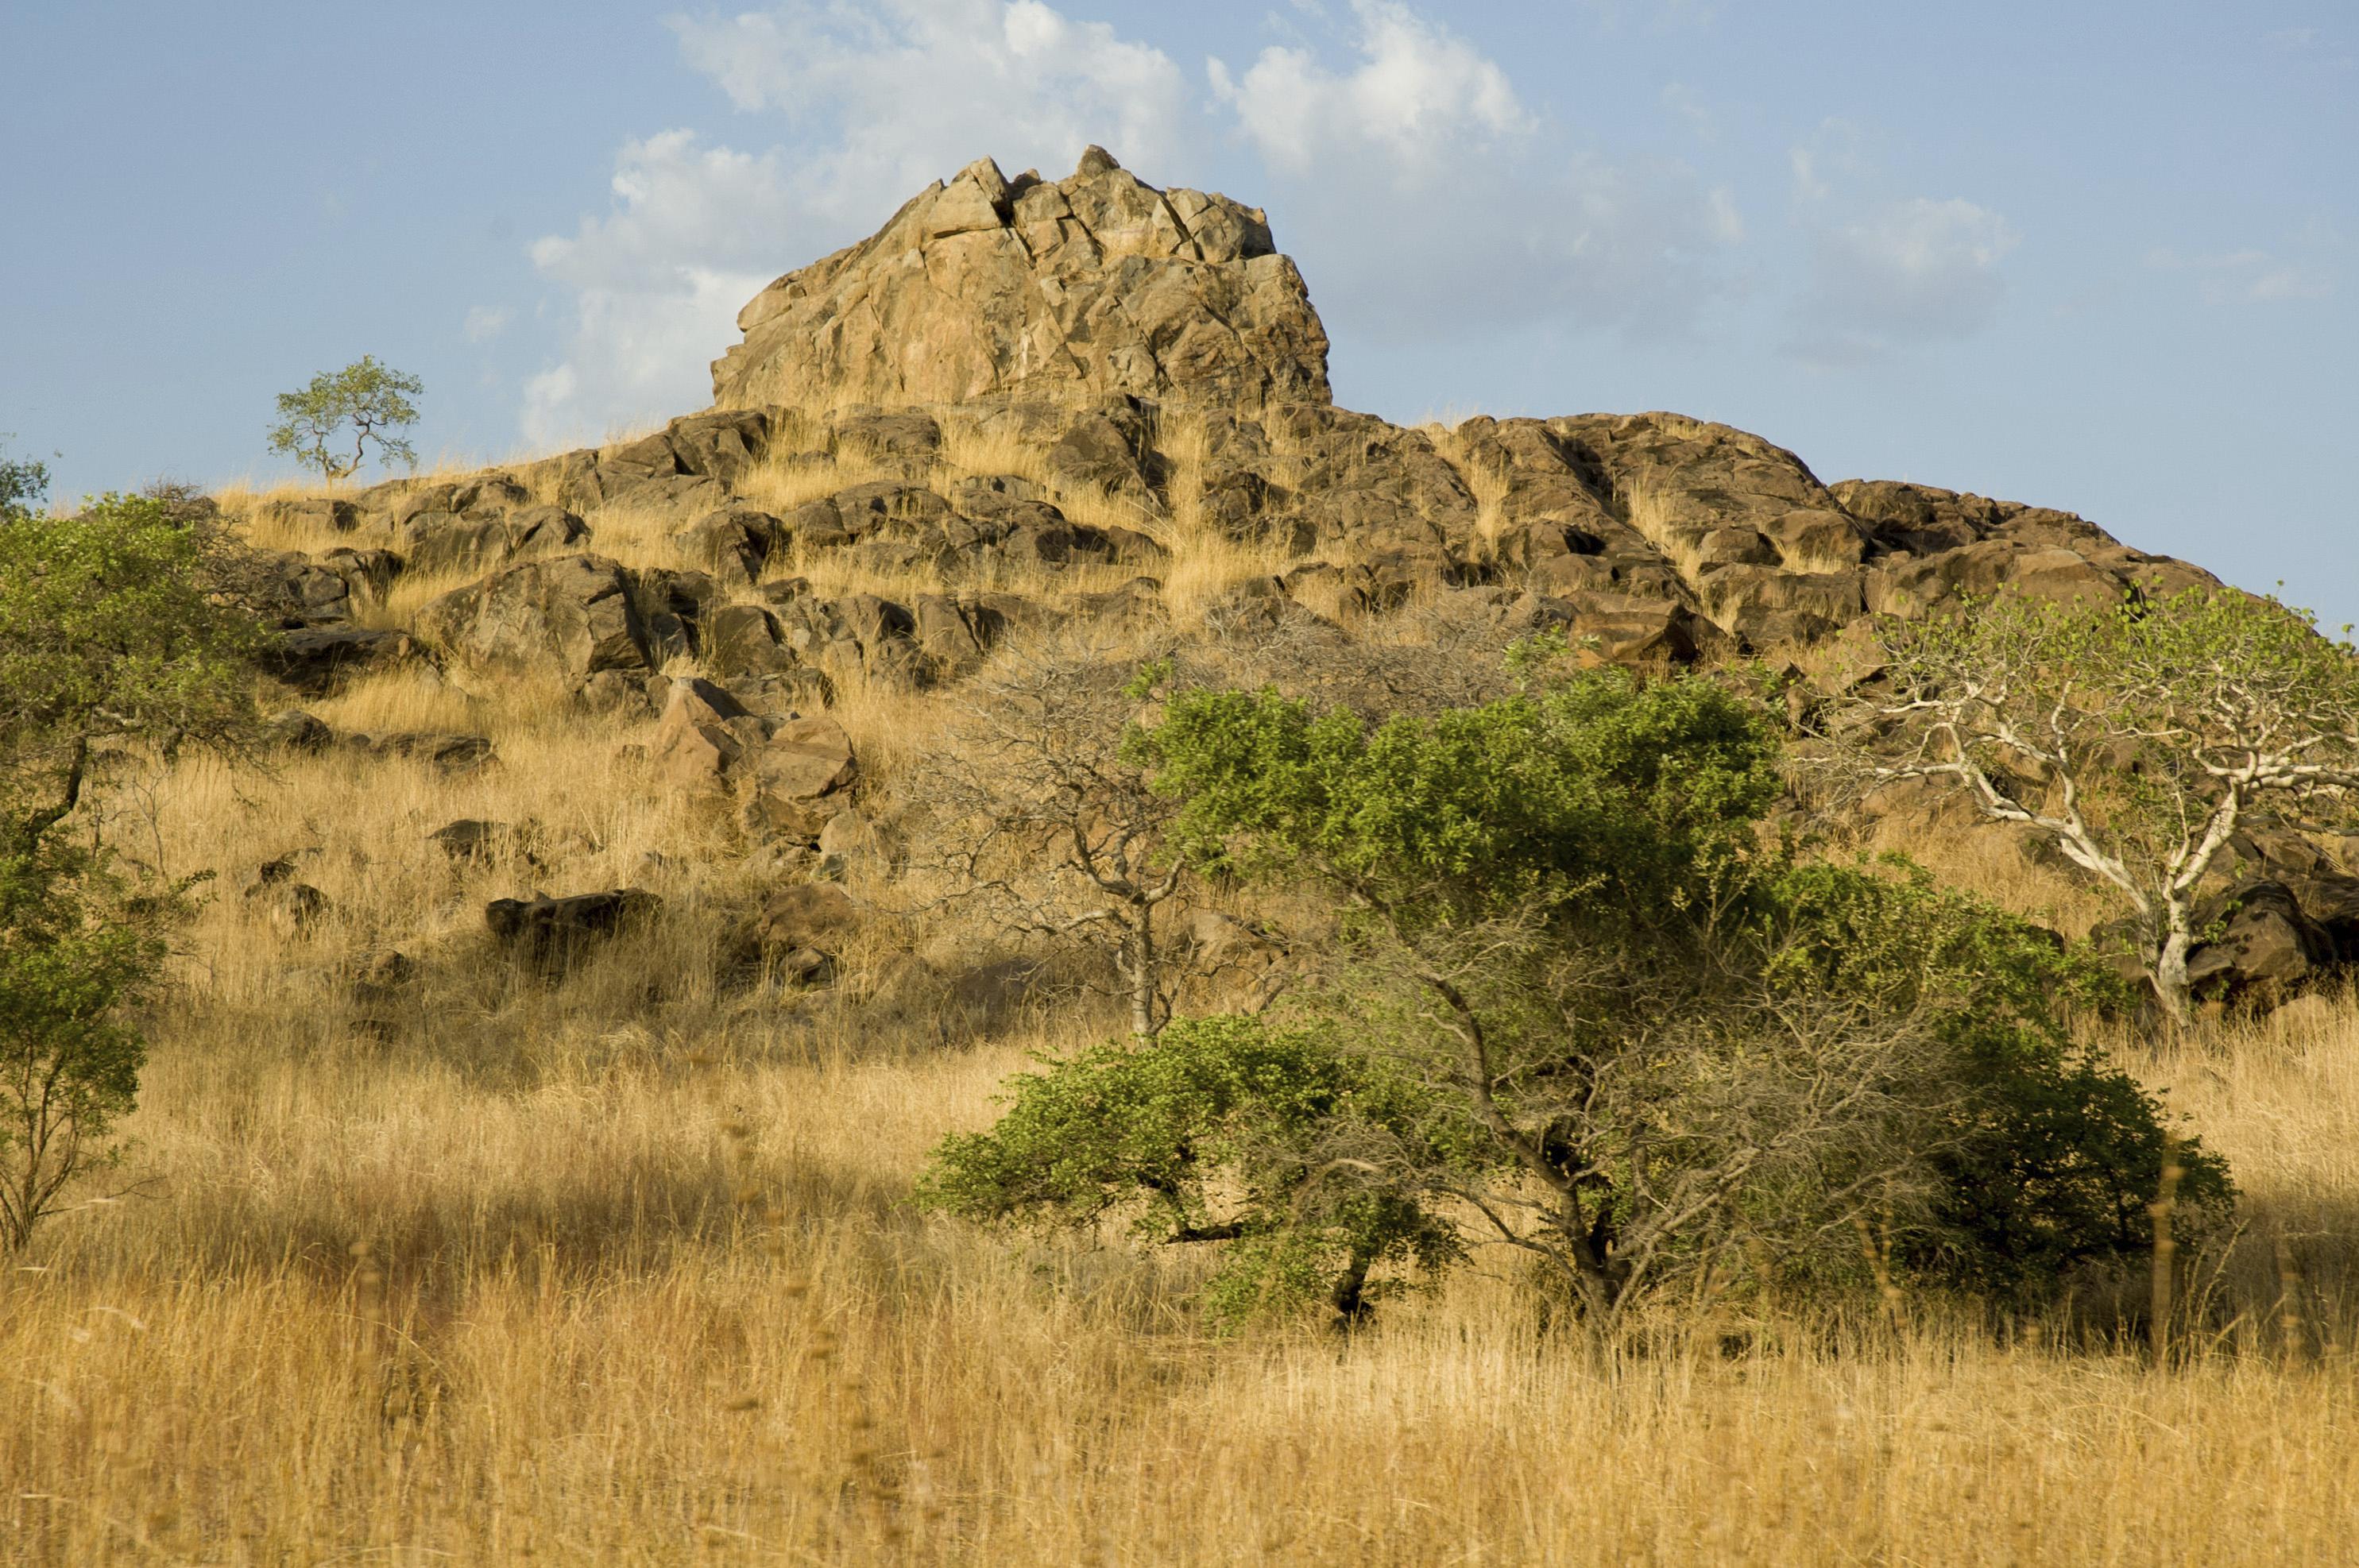 klima und reisezeit in kamerun touring afrika. Black Bedroom Furniture Sets. Home Design Ideas